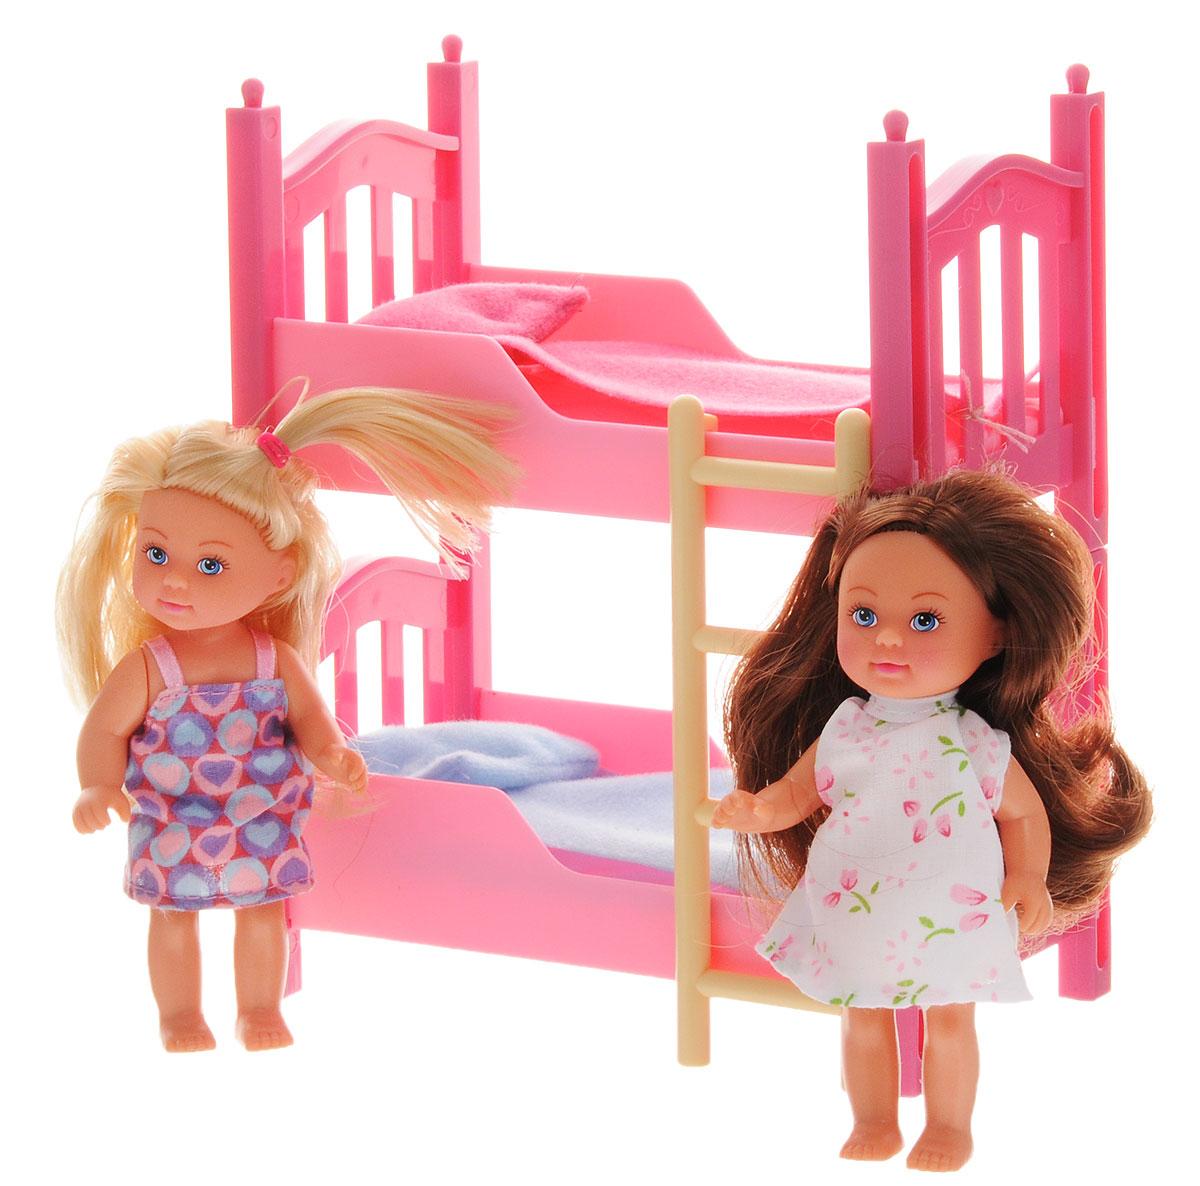 Simba Кукла Еви с подружкой5733847Игровой набор Simba Еви с подружкой порадует любую девочку и надолго увлечет ее. Для домашних посиделок с ночевкой со своей подружкой у куклы Еви есть все необходимое: двуспальная кровать, 2 одеяла, 2 подушки. Еви очень любит сидеть и болтать обо всем дома со своей подружкой. Еви и ее подружка одеты в стильные пижамки. Вашей дочурке непременно понравится заплетать длинные волосы кукол, придумывая разнообразные прически. Руки, ноги и головы кукол подвижны, благодаря чему им можно ваша малышка может создавать и обыгрывать различные ситуации. Игры с таким набором способствуют эмоциональному развитию, помогают формировать воображение и художественный вкус, а также разовьют в вашей малышке чувство ответственности и заботы. Великолепное качество исполнения делают этих куколок чудесным подарком к любому празднику.